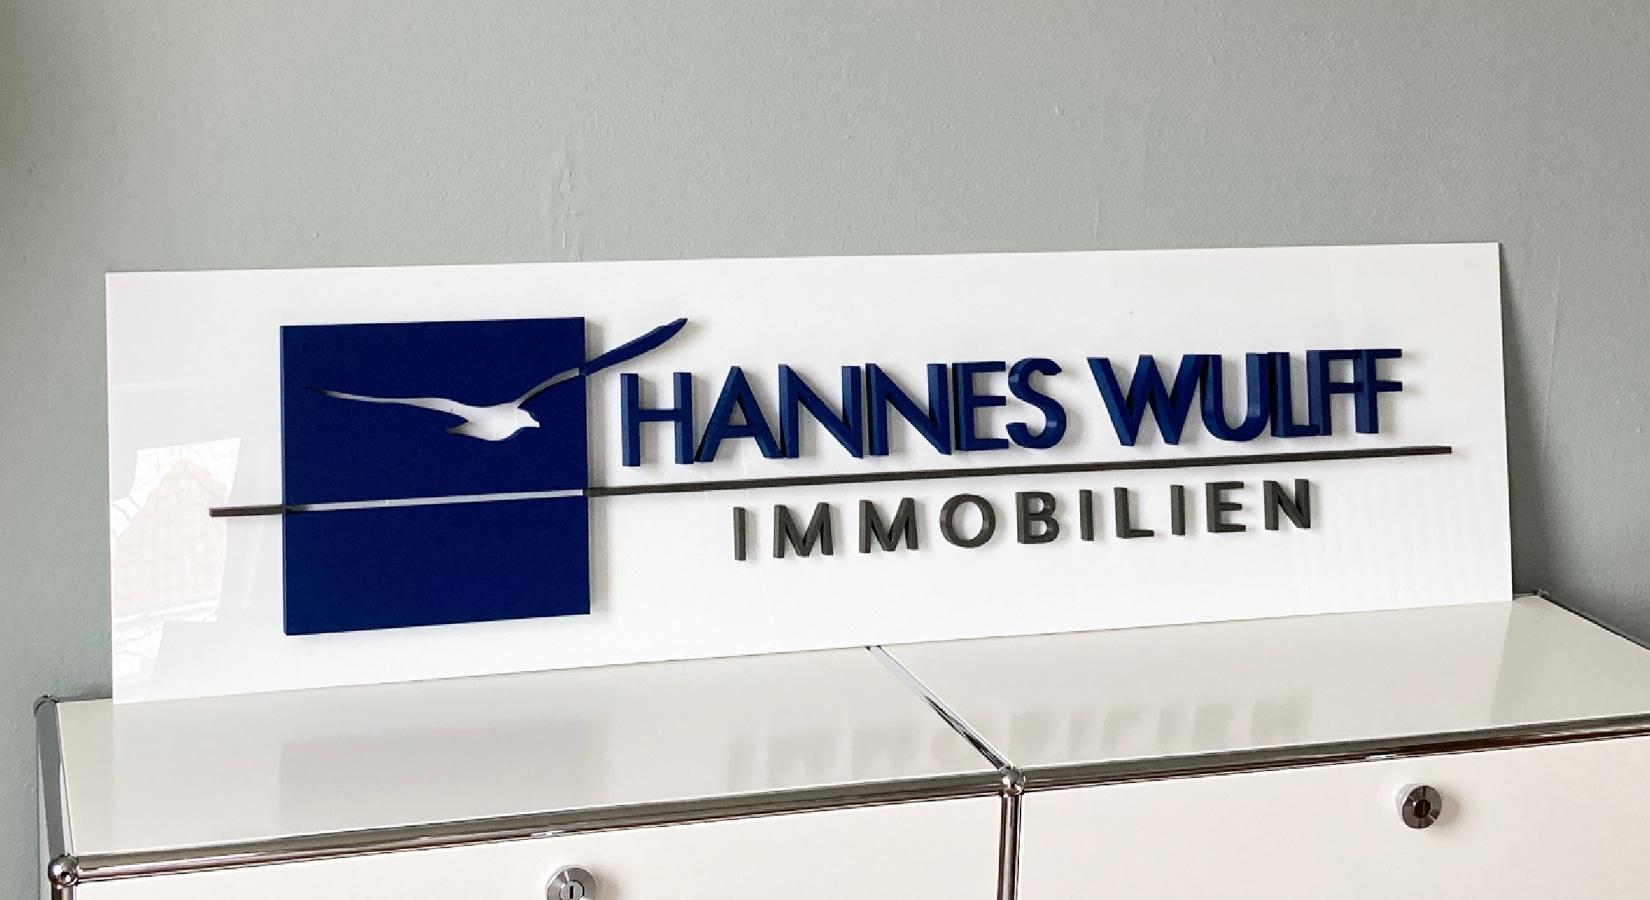 Kundenprojekte - Hannes Wulff Immobilien (Frontal)